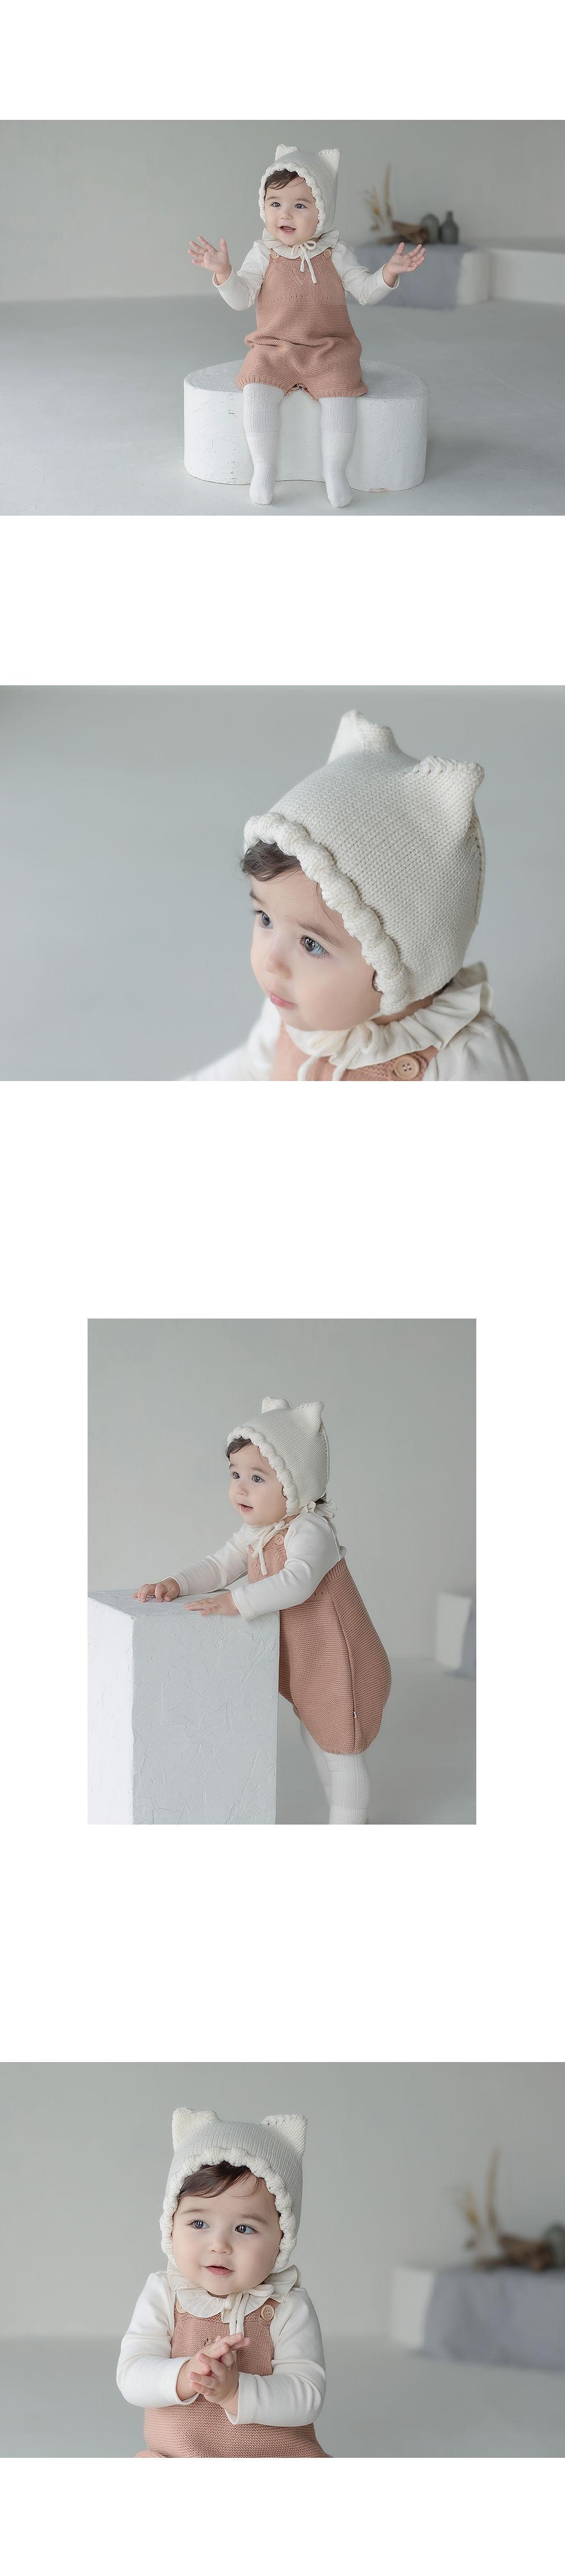 HAPPY PRINCE - Korean Children Fashion - #Kfashion4kids - Fla Knit Baby Bonnet - 6